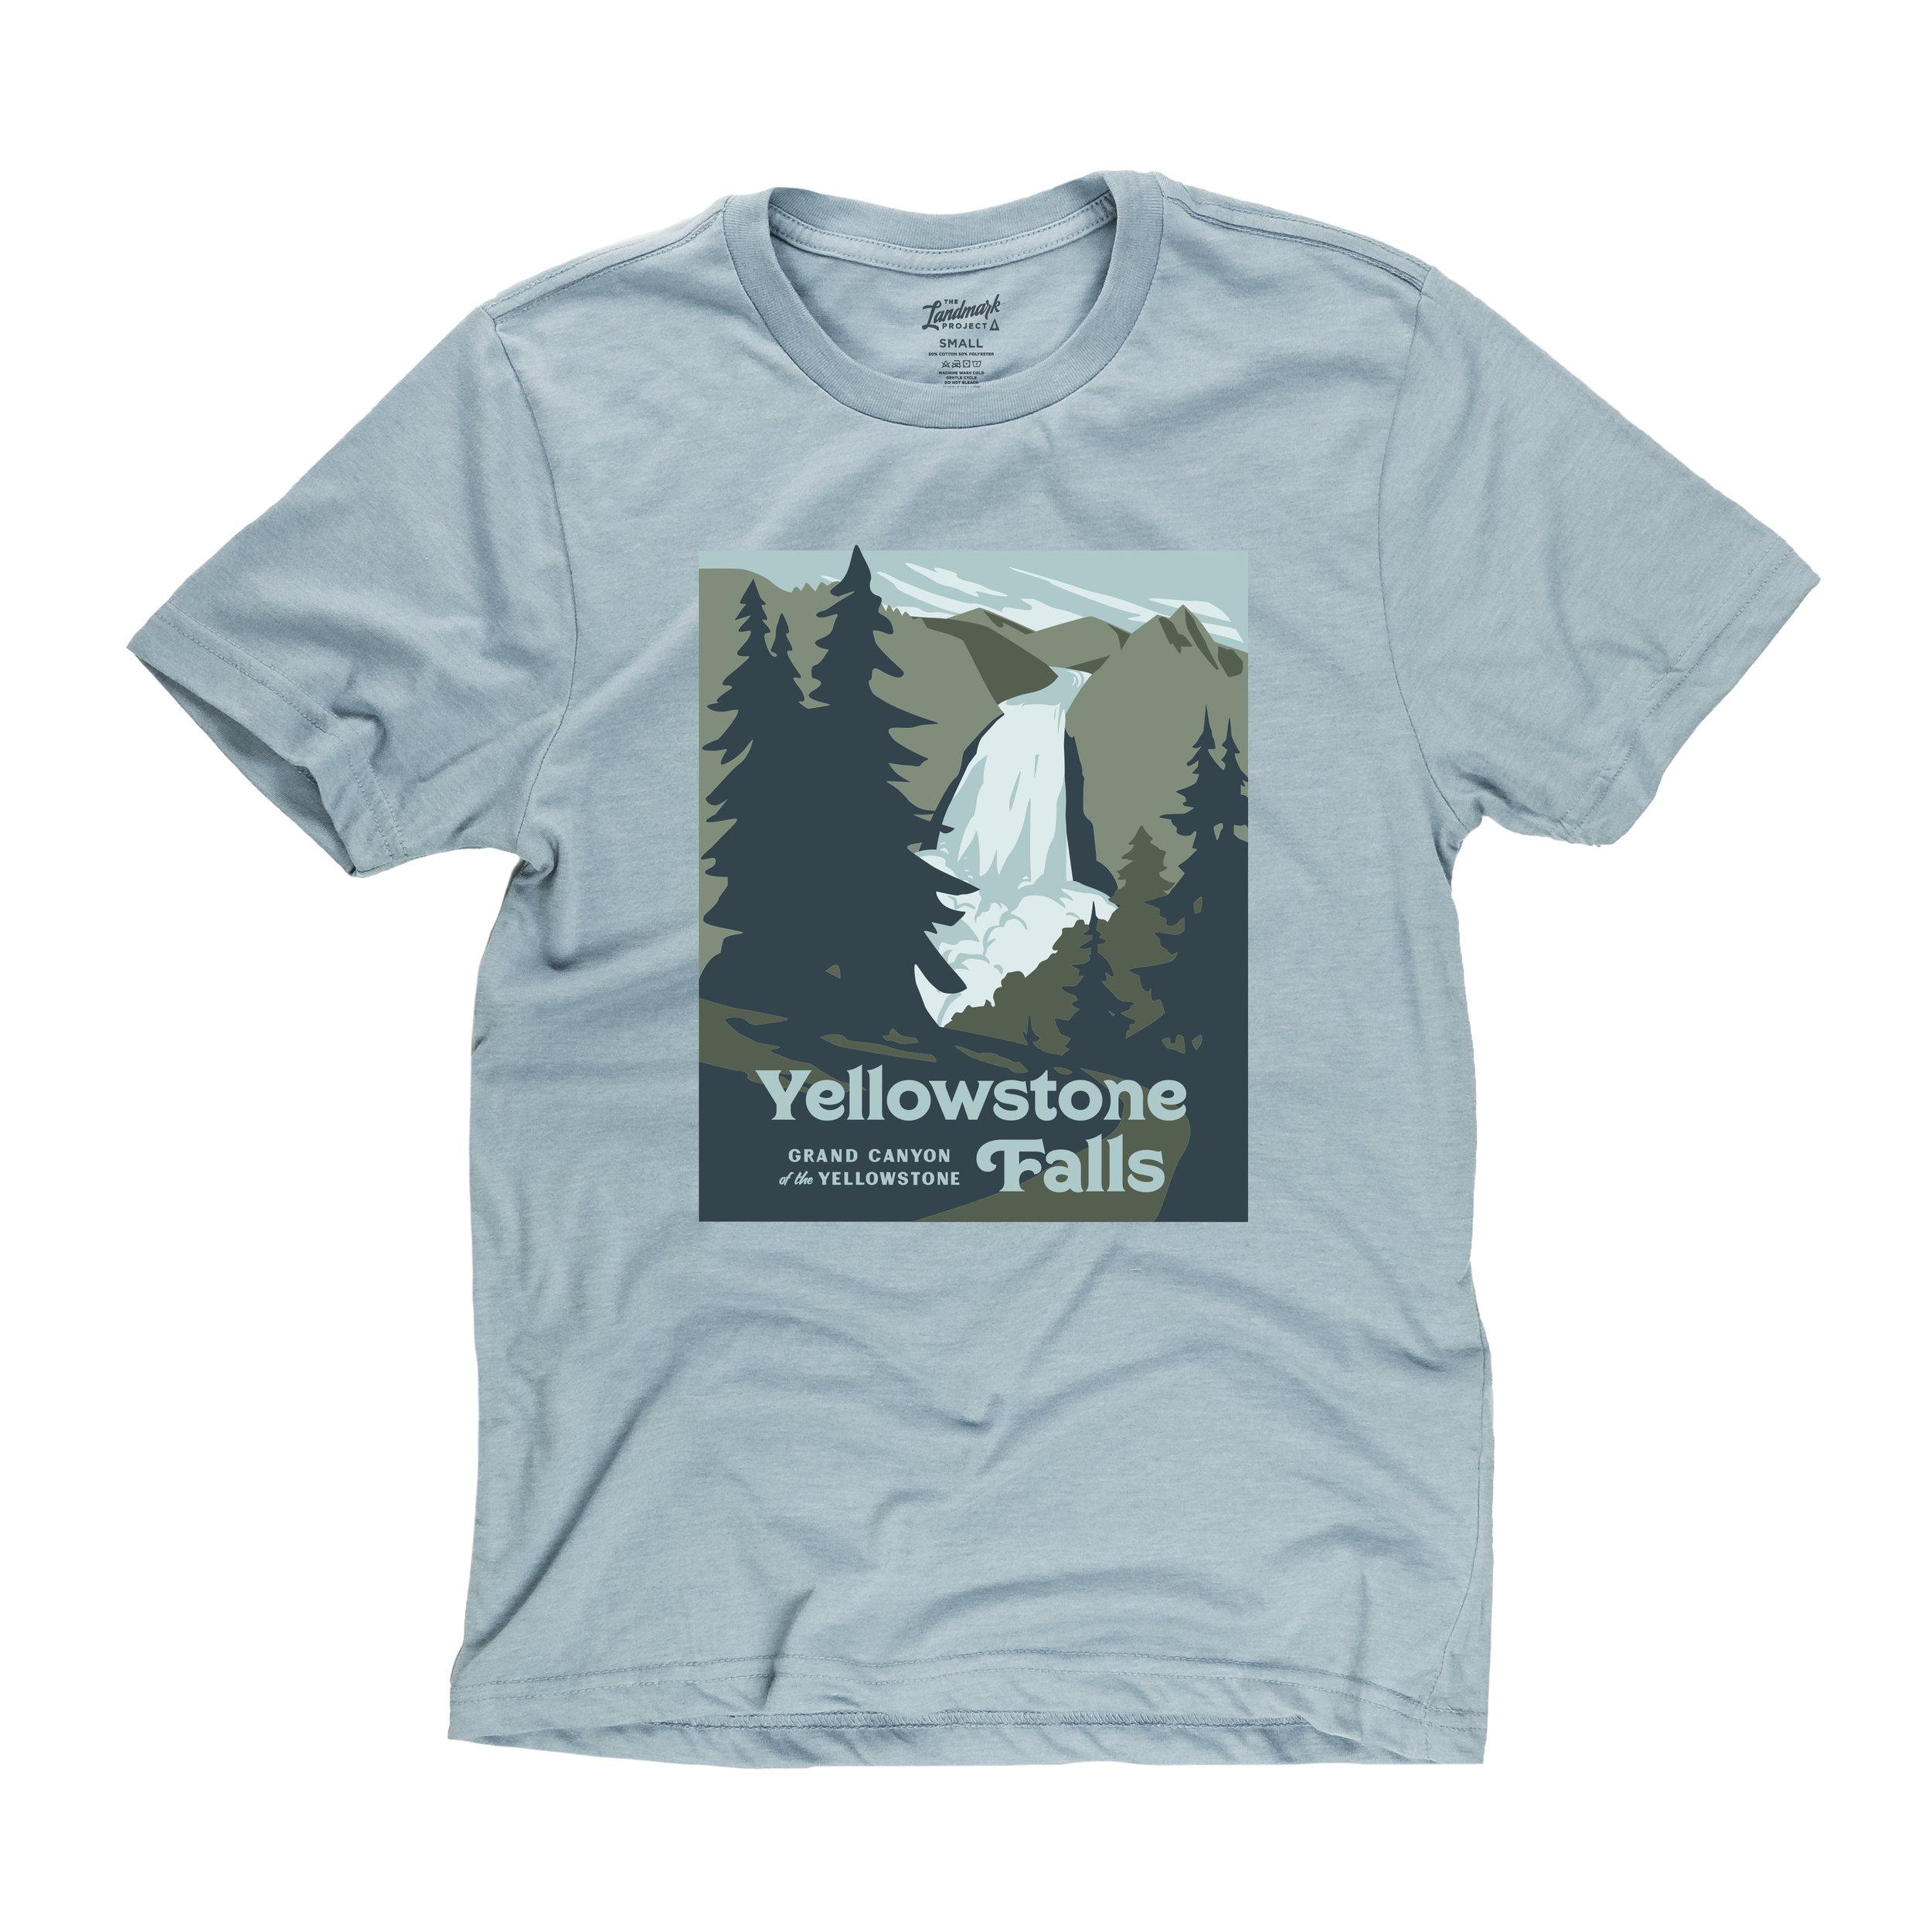 yellowstone-falls-shirt-chambray.jpg